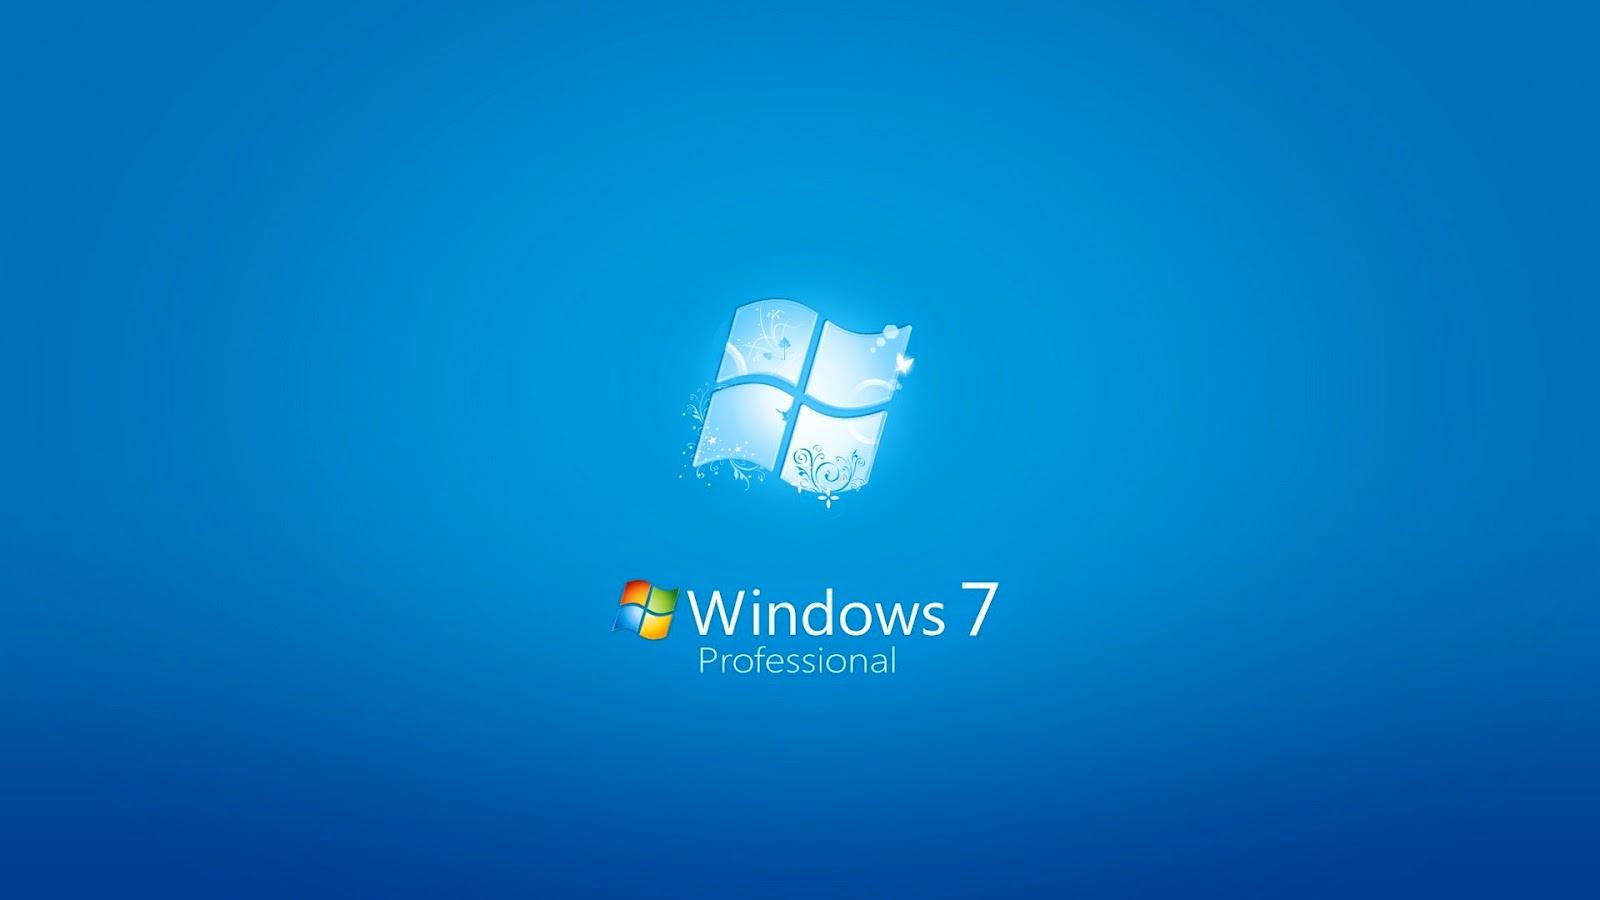 windows 7 video wallpaper 64 bit: Descargar E Instalar Windows 7 Todas Las Versiones 32 Bit